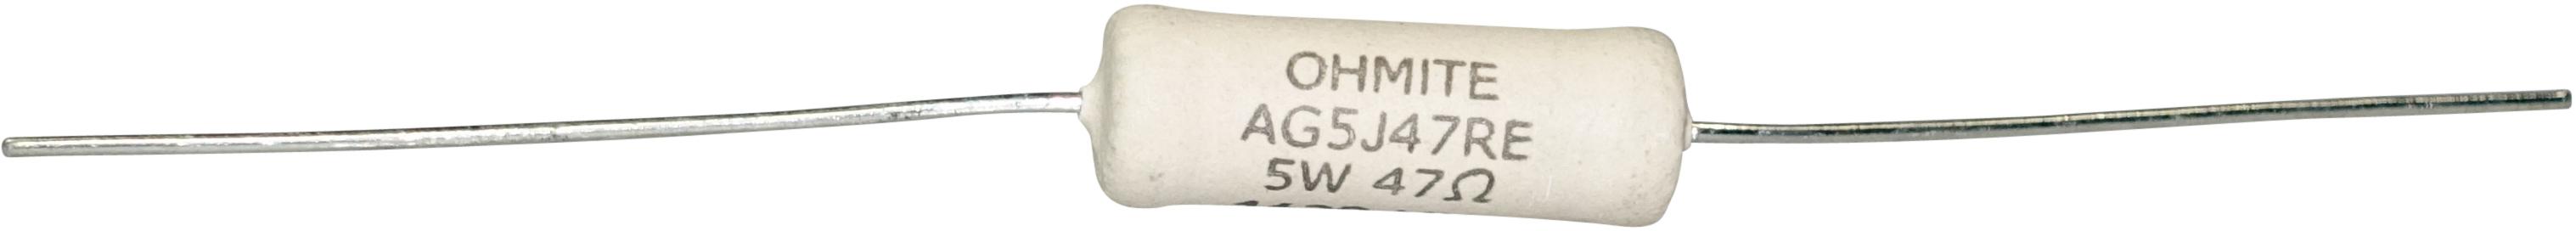 Ohmite Audio Gold 5W - 10 Ohm